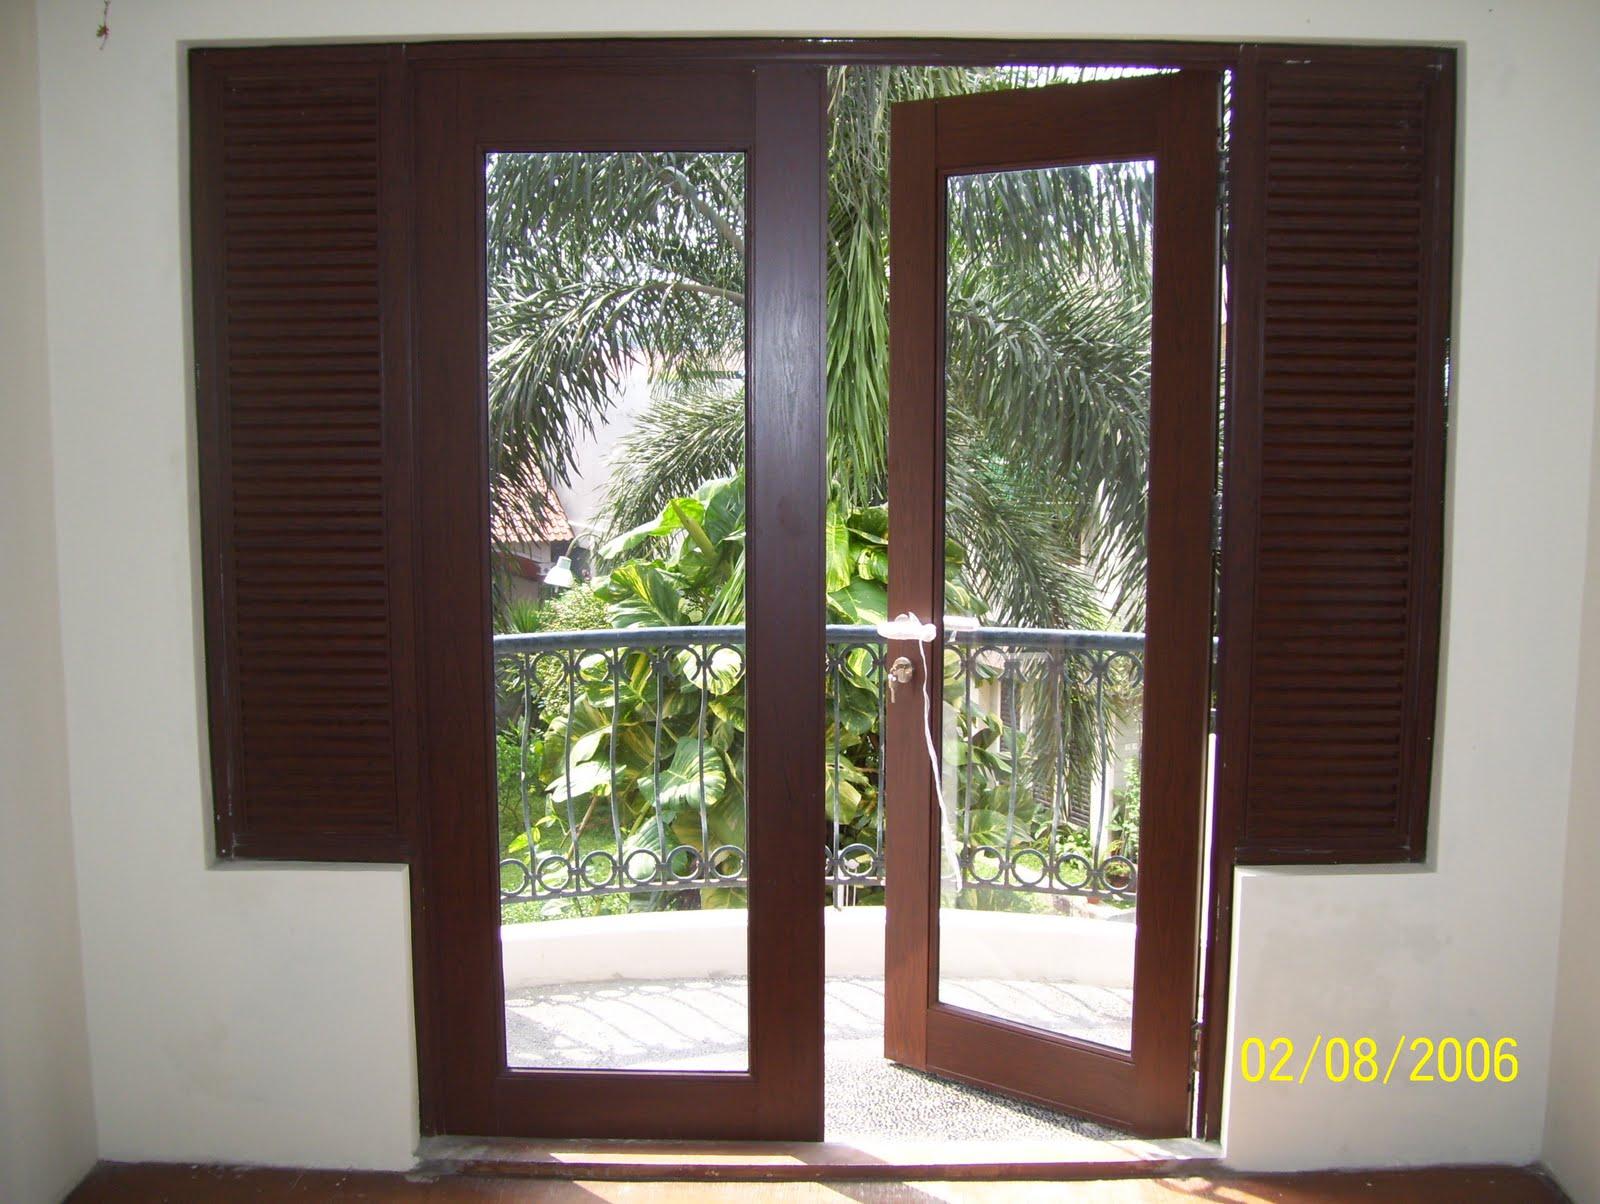 Desain Kusen Minimalis Kusen Minimalis Alumunium Kaca Jendela Pintu